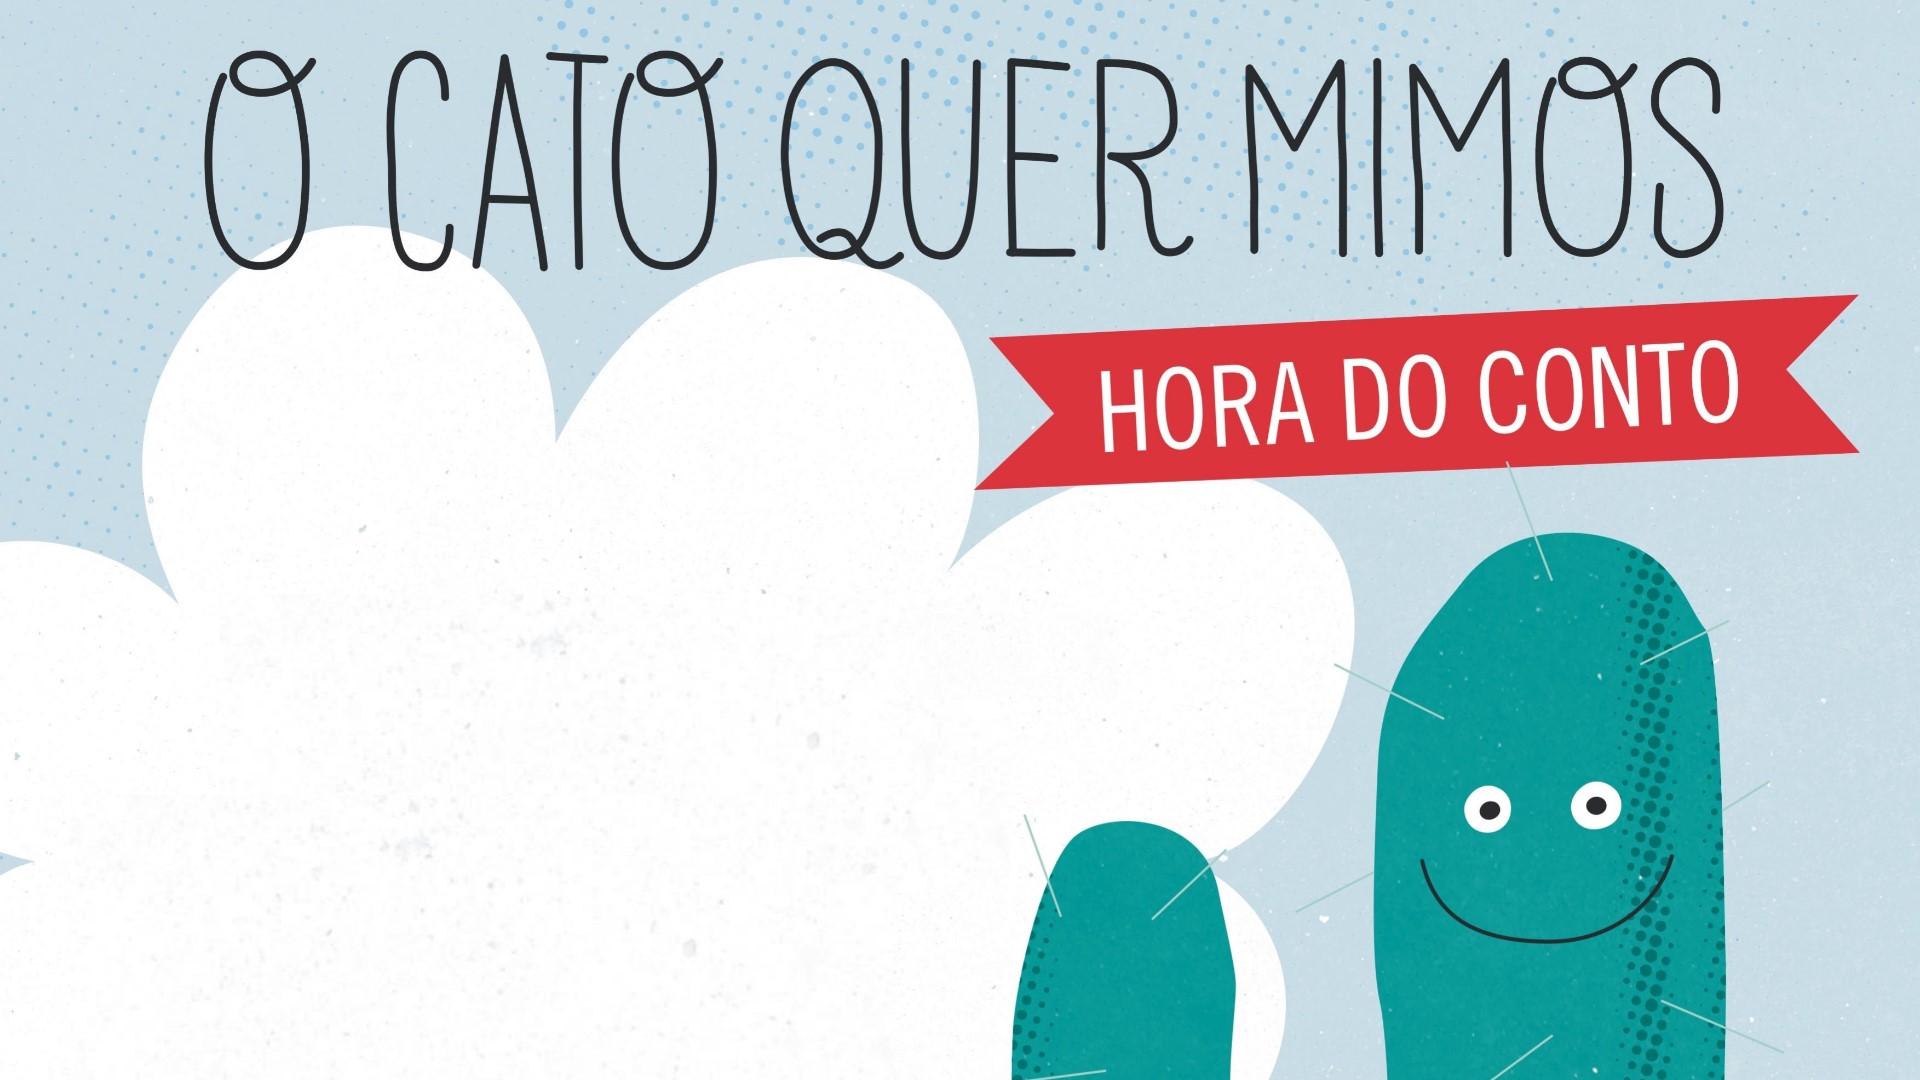 O Cato quer Mimos (Esgotado) :: Bairro em Festa 2021